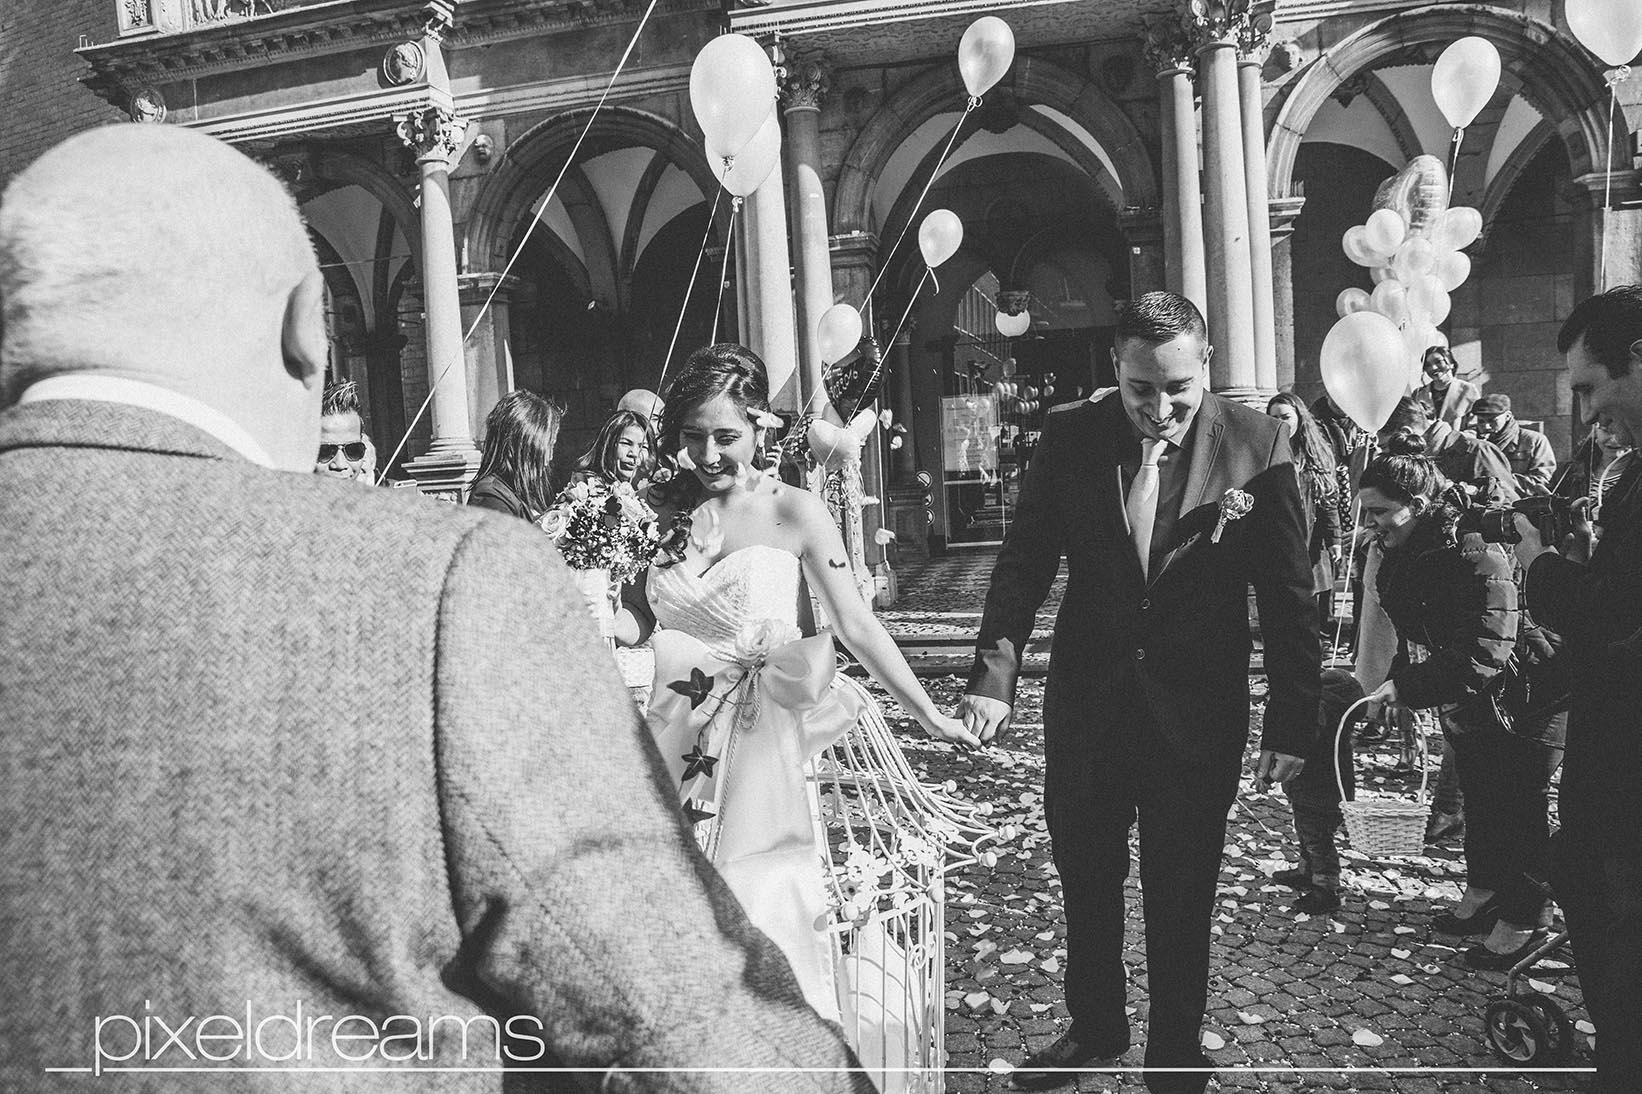 Braut und Bräutigam werden von Gästen empfangen. Sie werden gleich die weiße Hochzeitstauben zum fliegen bringen.